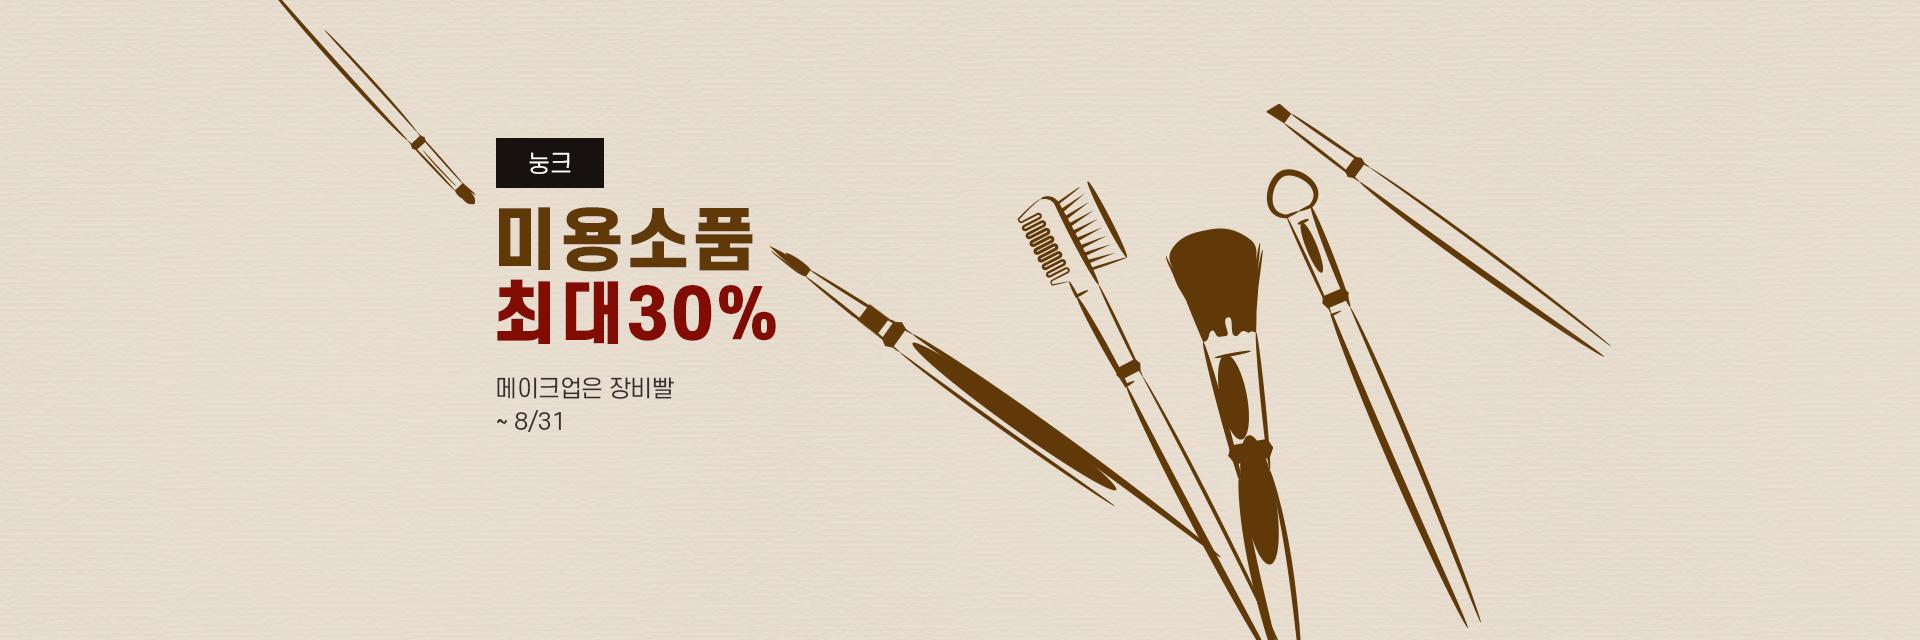 미용소품 최대 30%